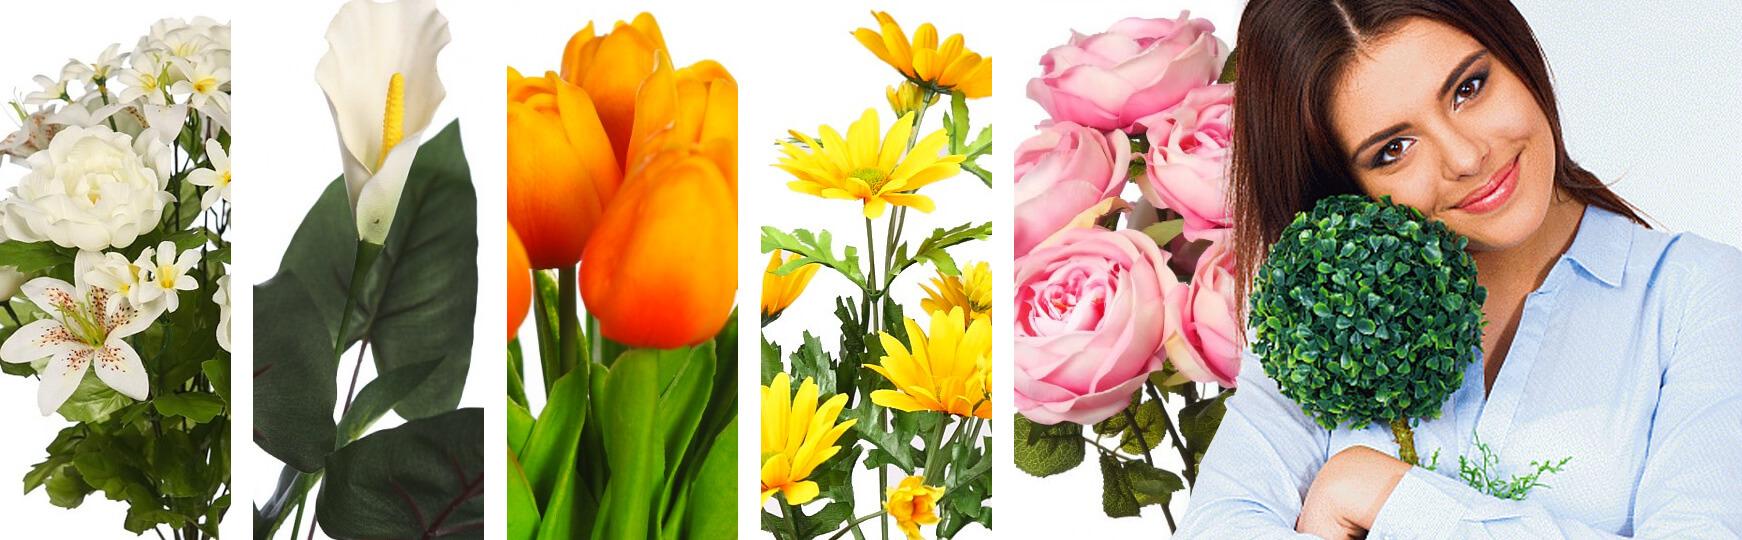 plantas y flores artificiales para el día de la madre al mejor precio